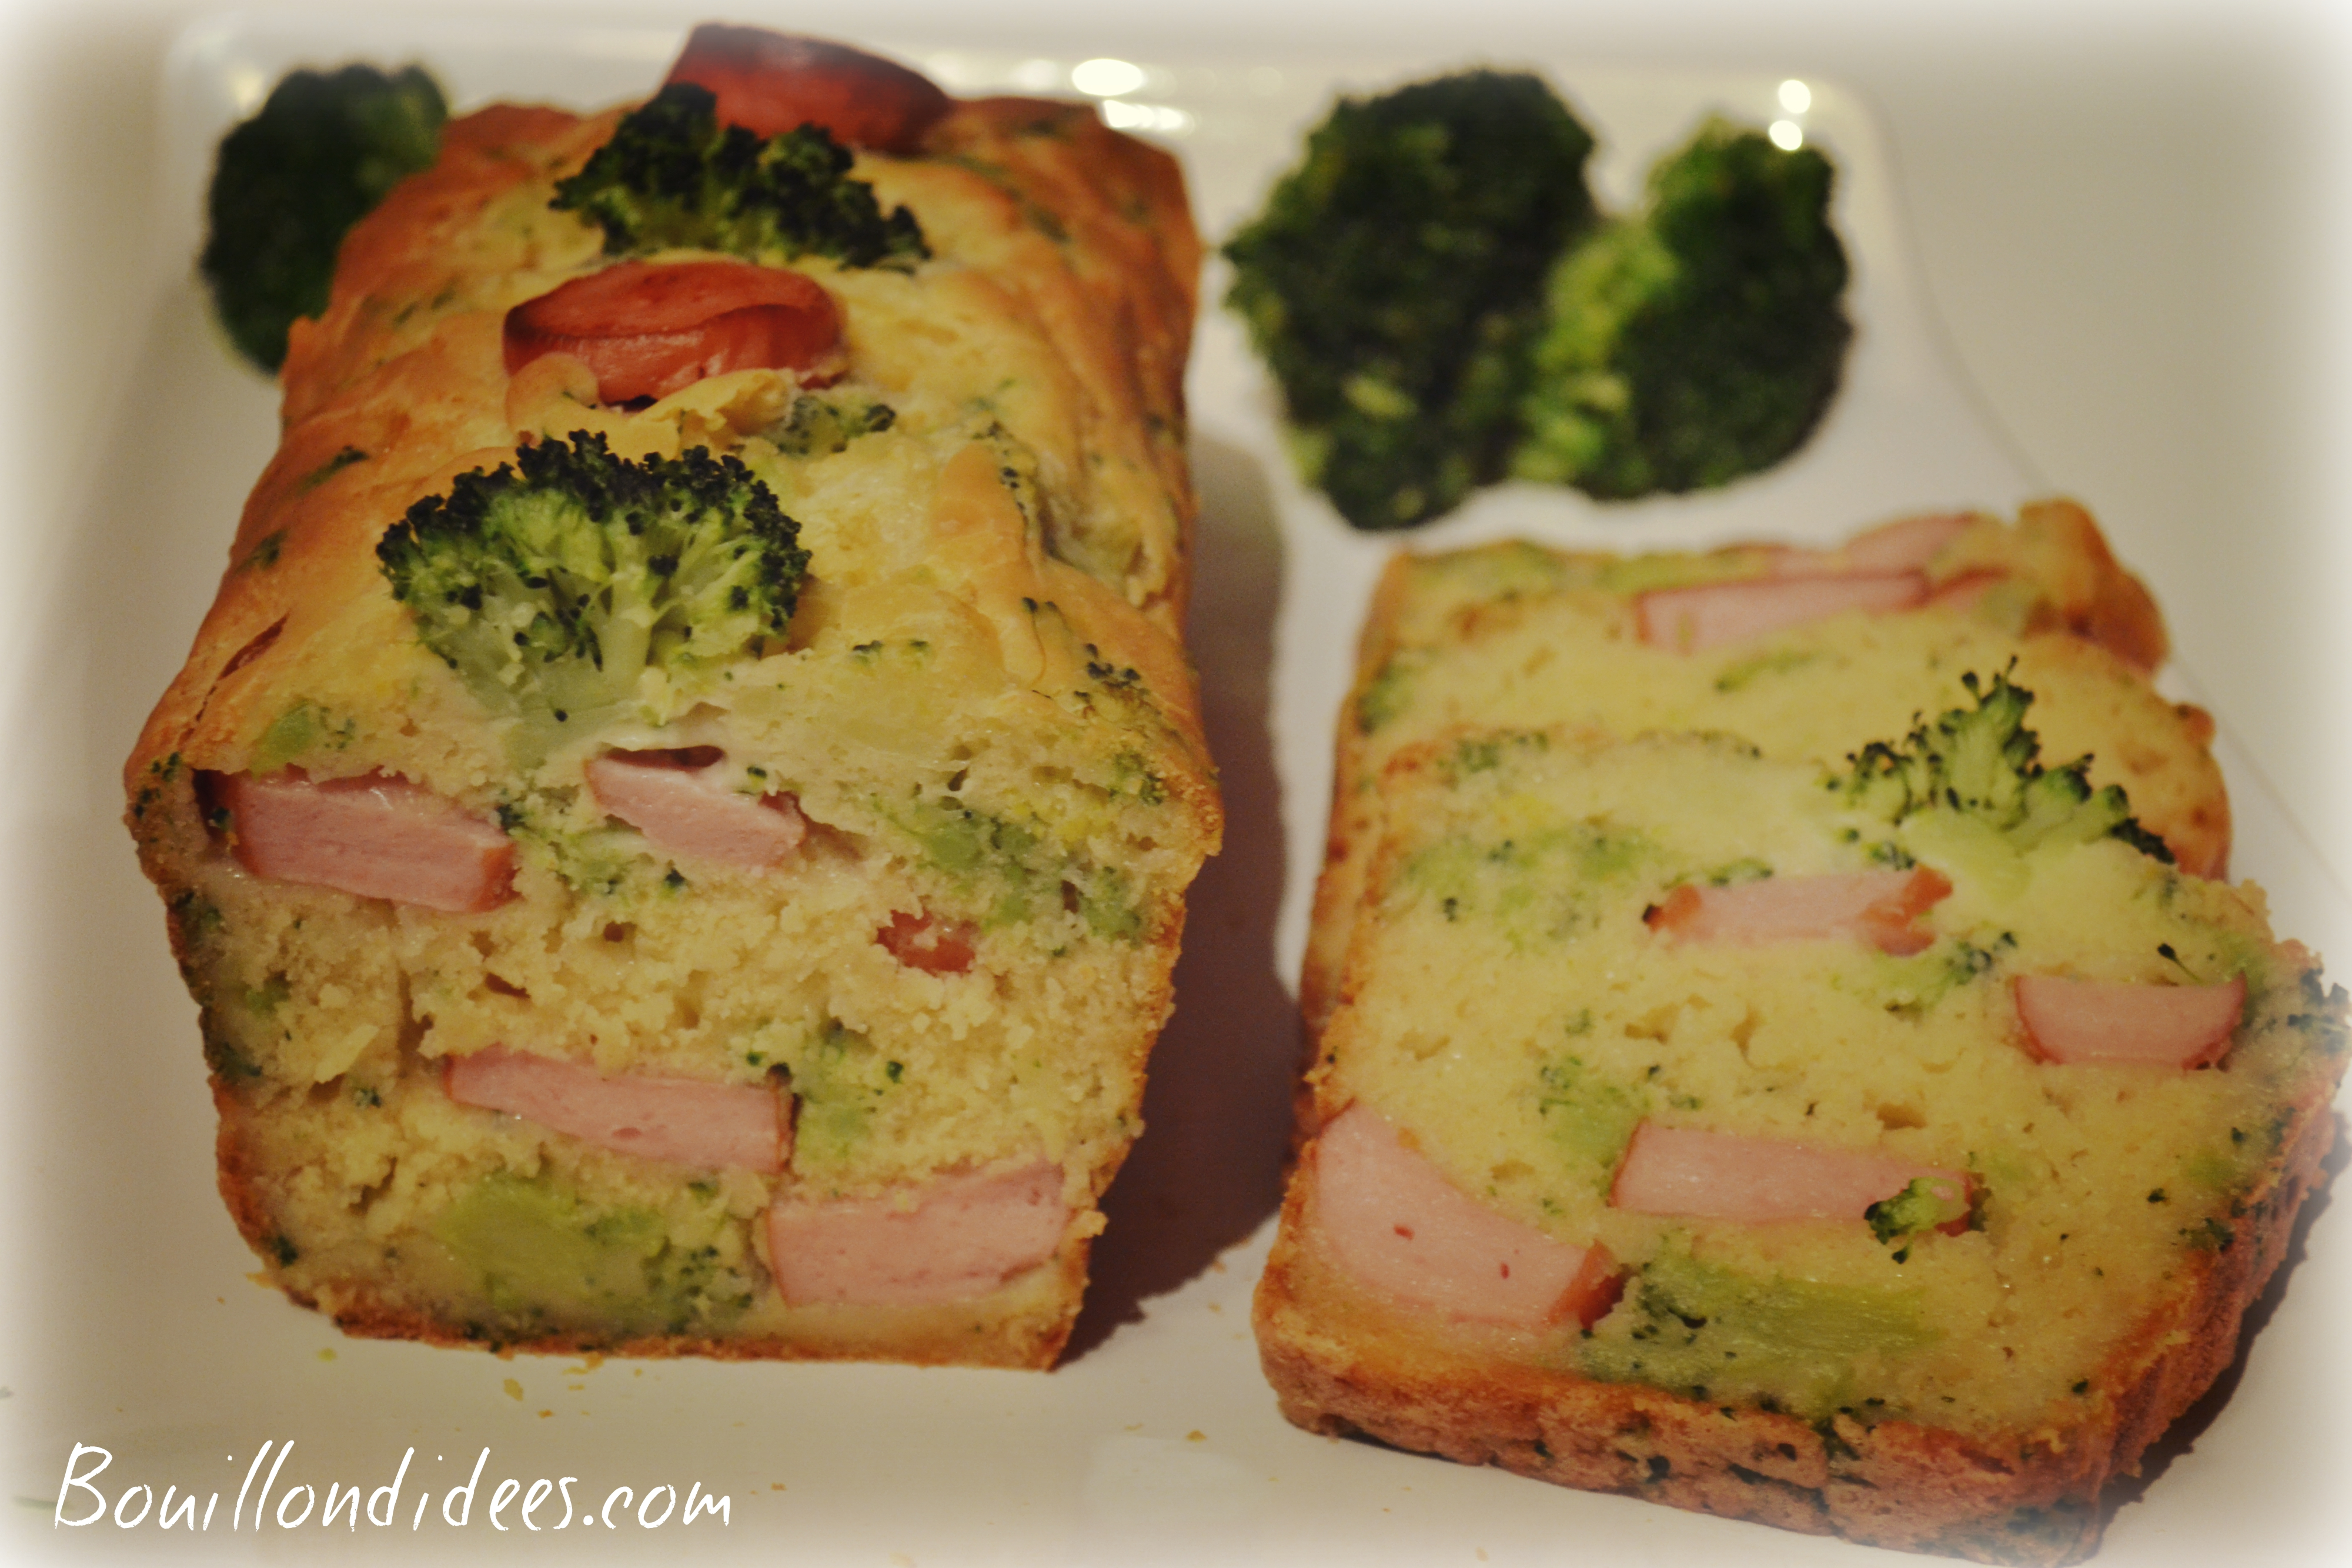 Cake sal sans glo base de tofu soyeux - Recettes cuisine sans gluten ...